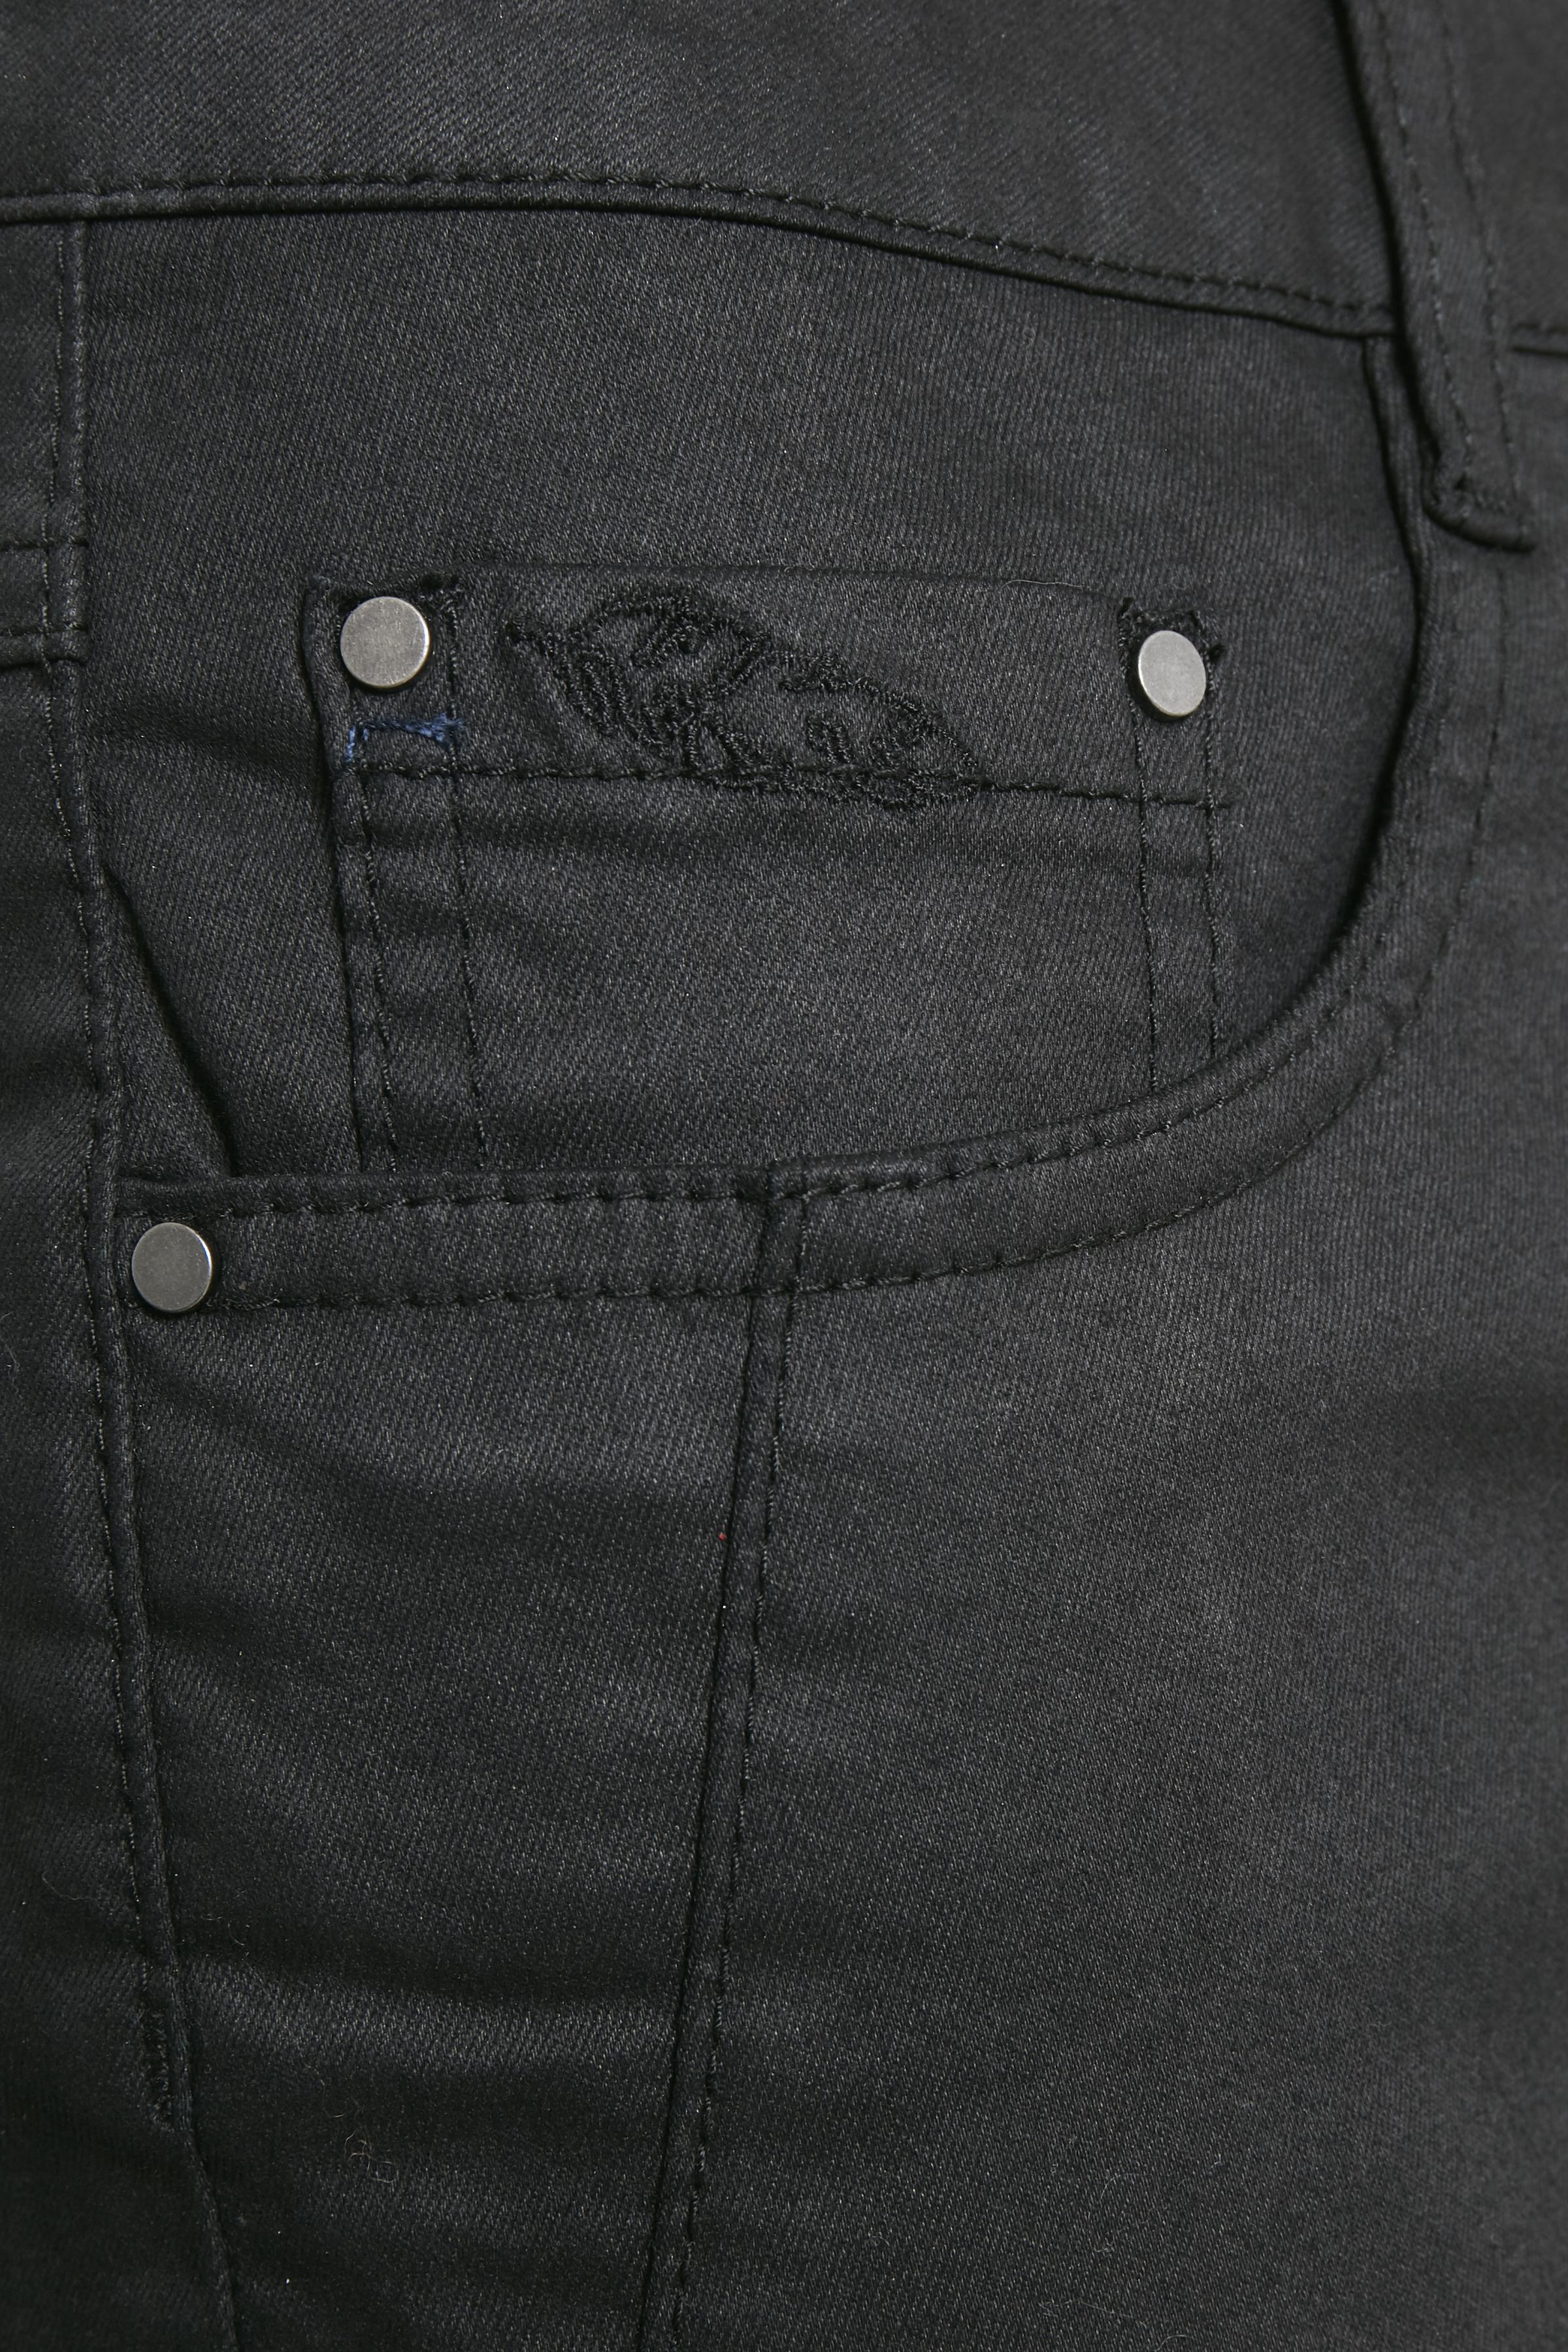 Svart Kjol från Bon'A Parte – Köp Svart Kjol från stl. 36-48 här